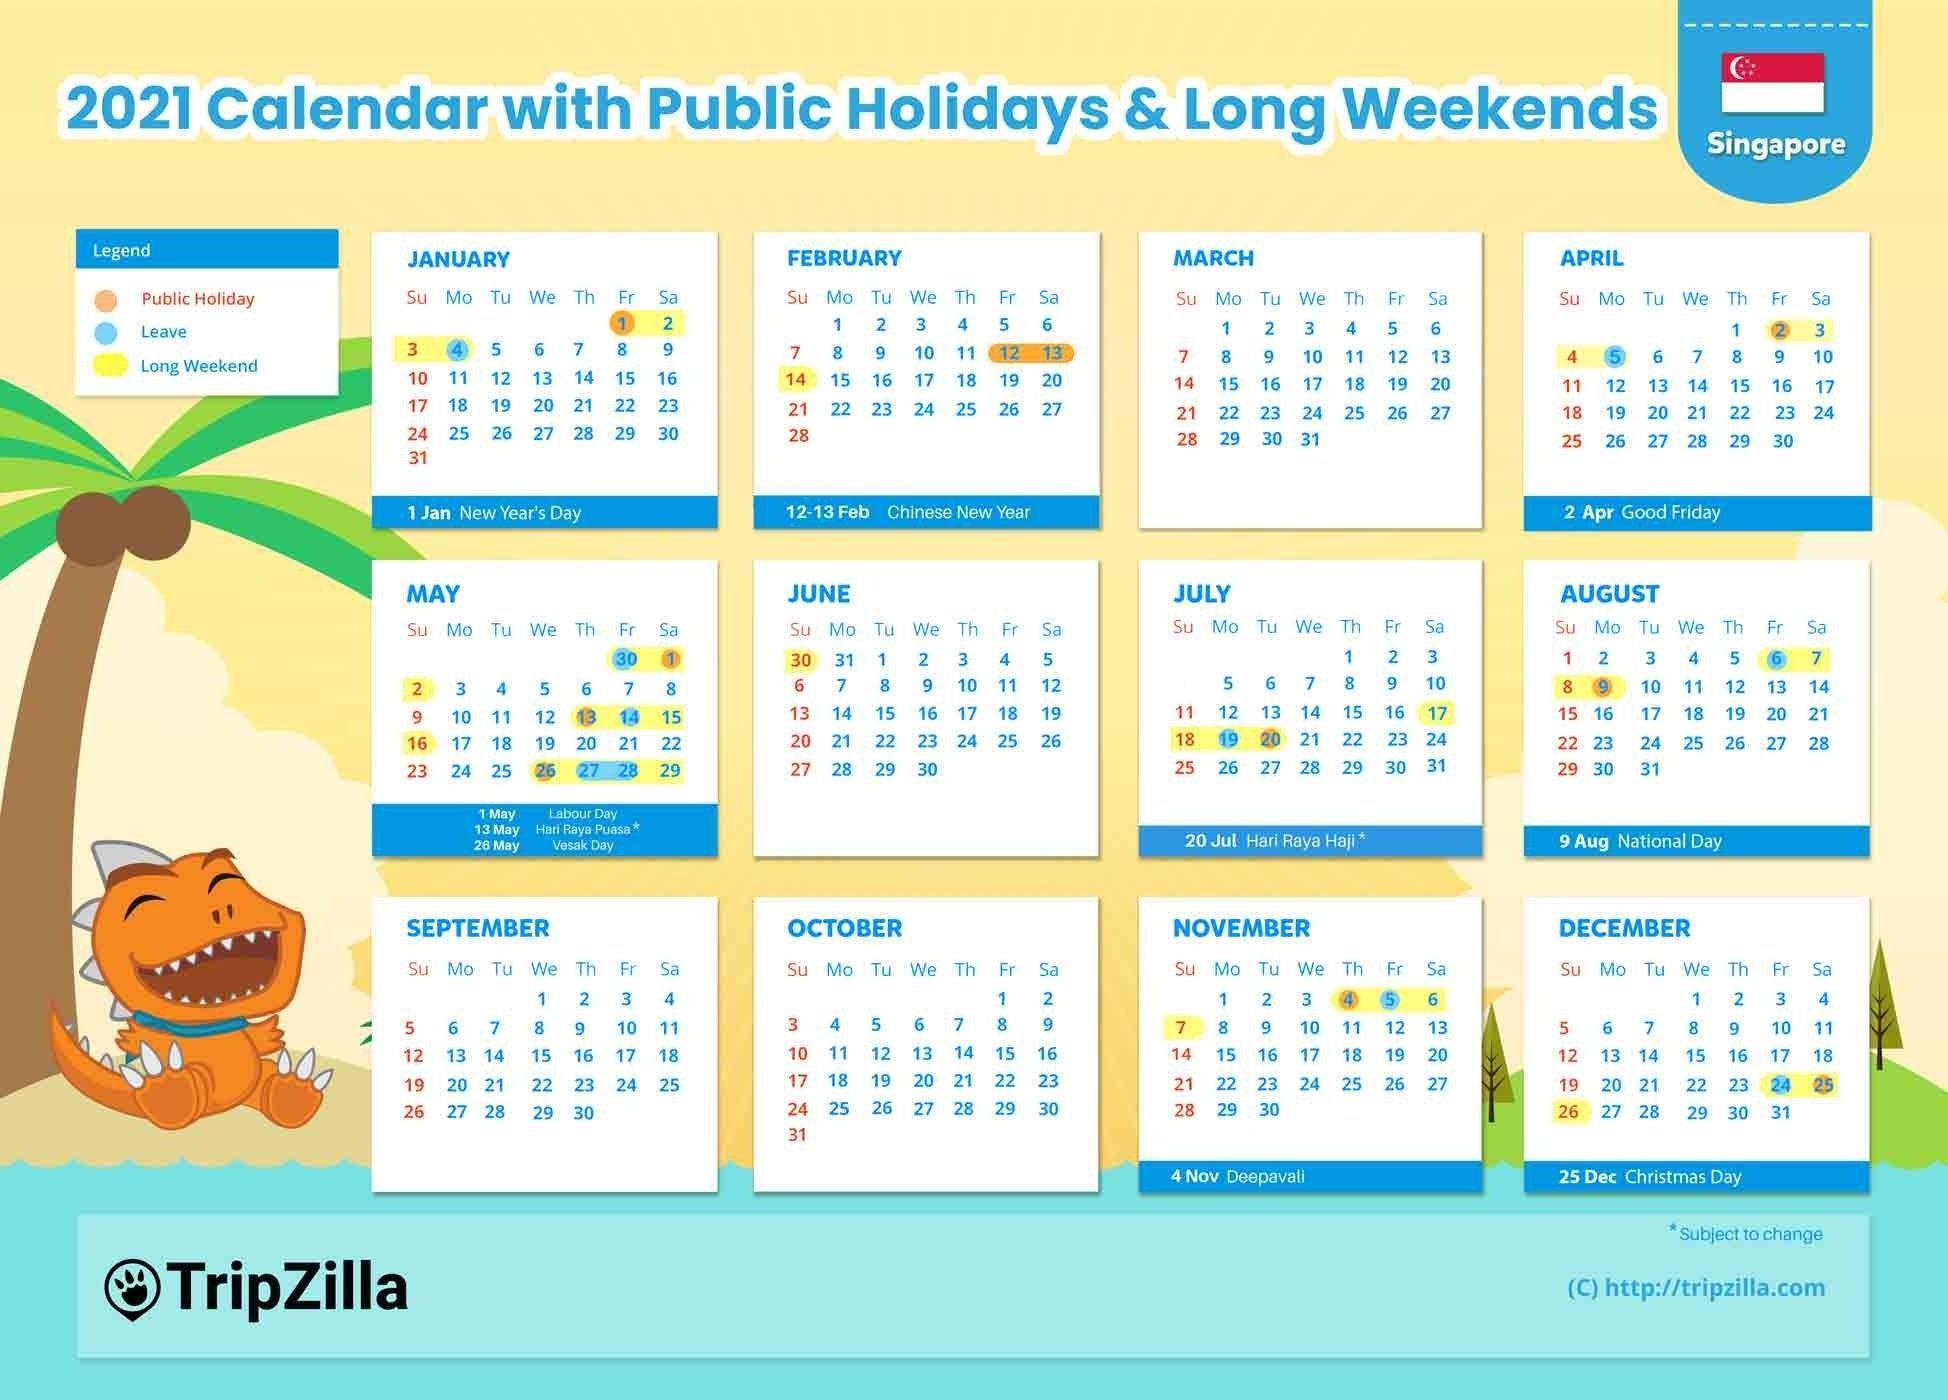 10 Long Weekends In Singapore In 2021 (Bonus Calendar